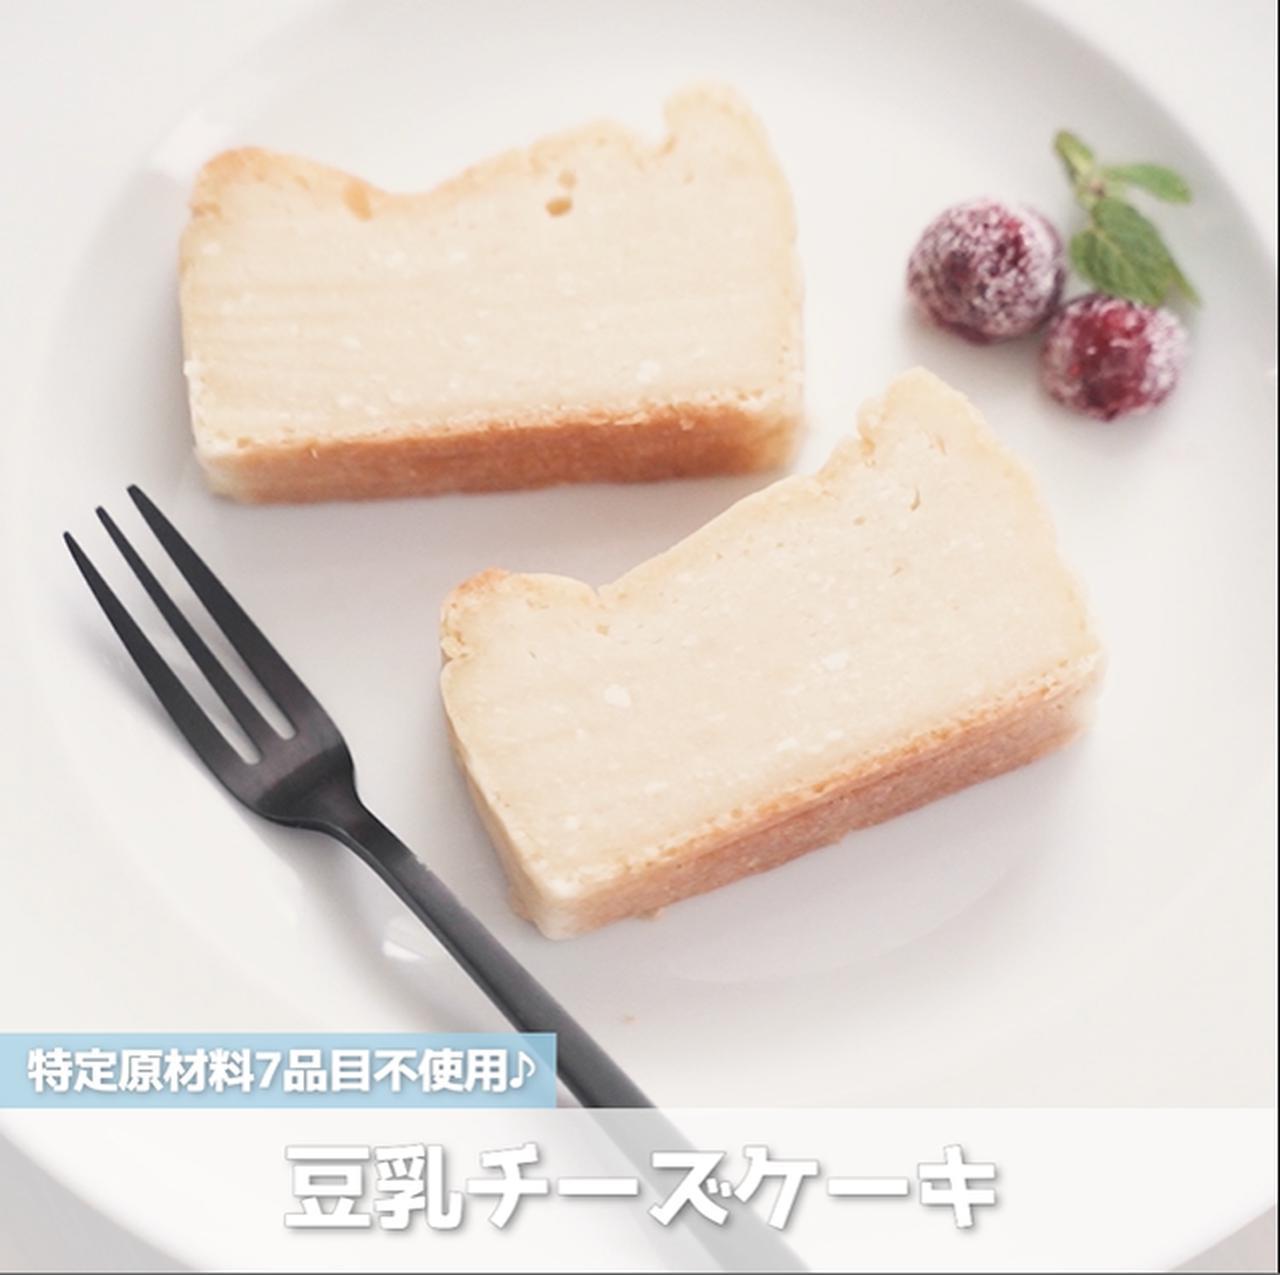 画像: 小麦粉も、乳製品を使わない!豆乳チーズケーキ - 君とごはん